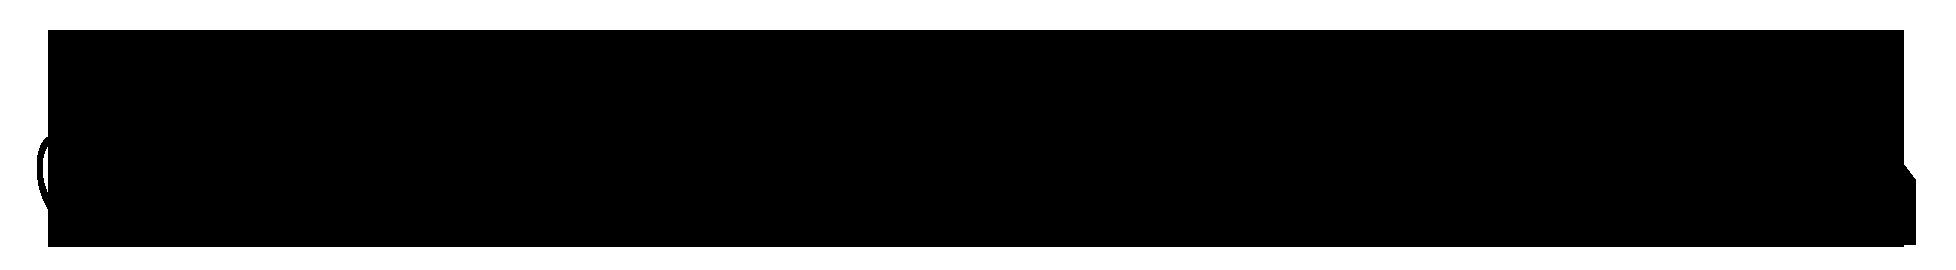 logo_stiky